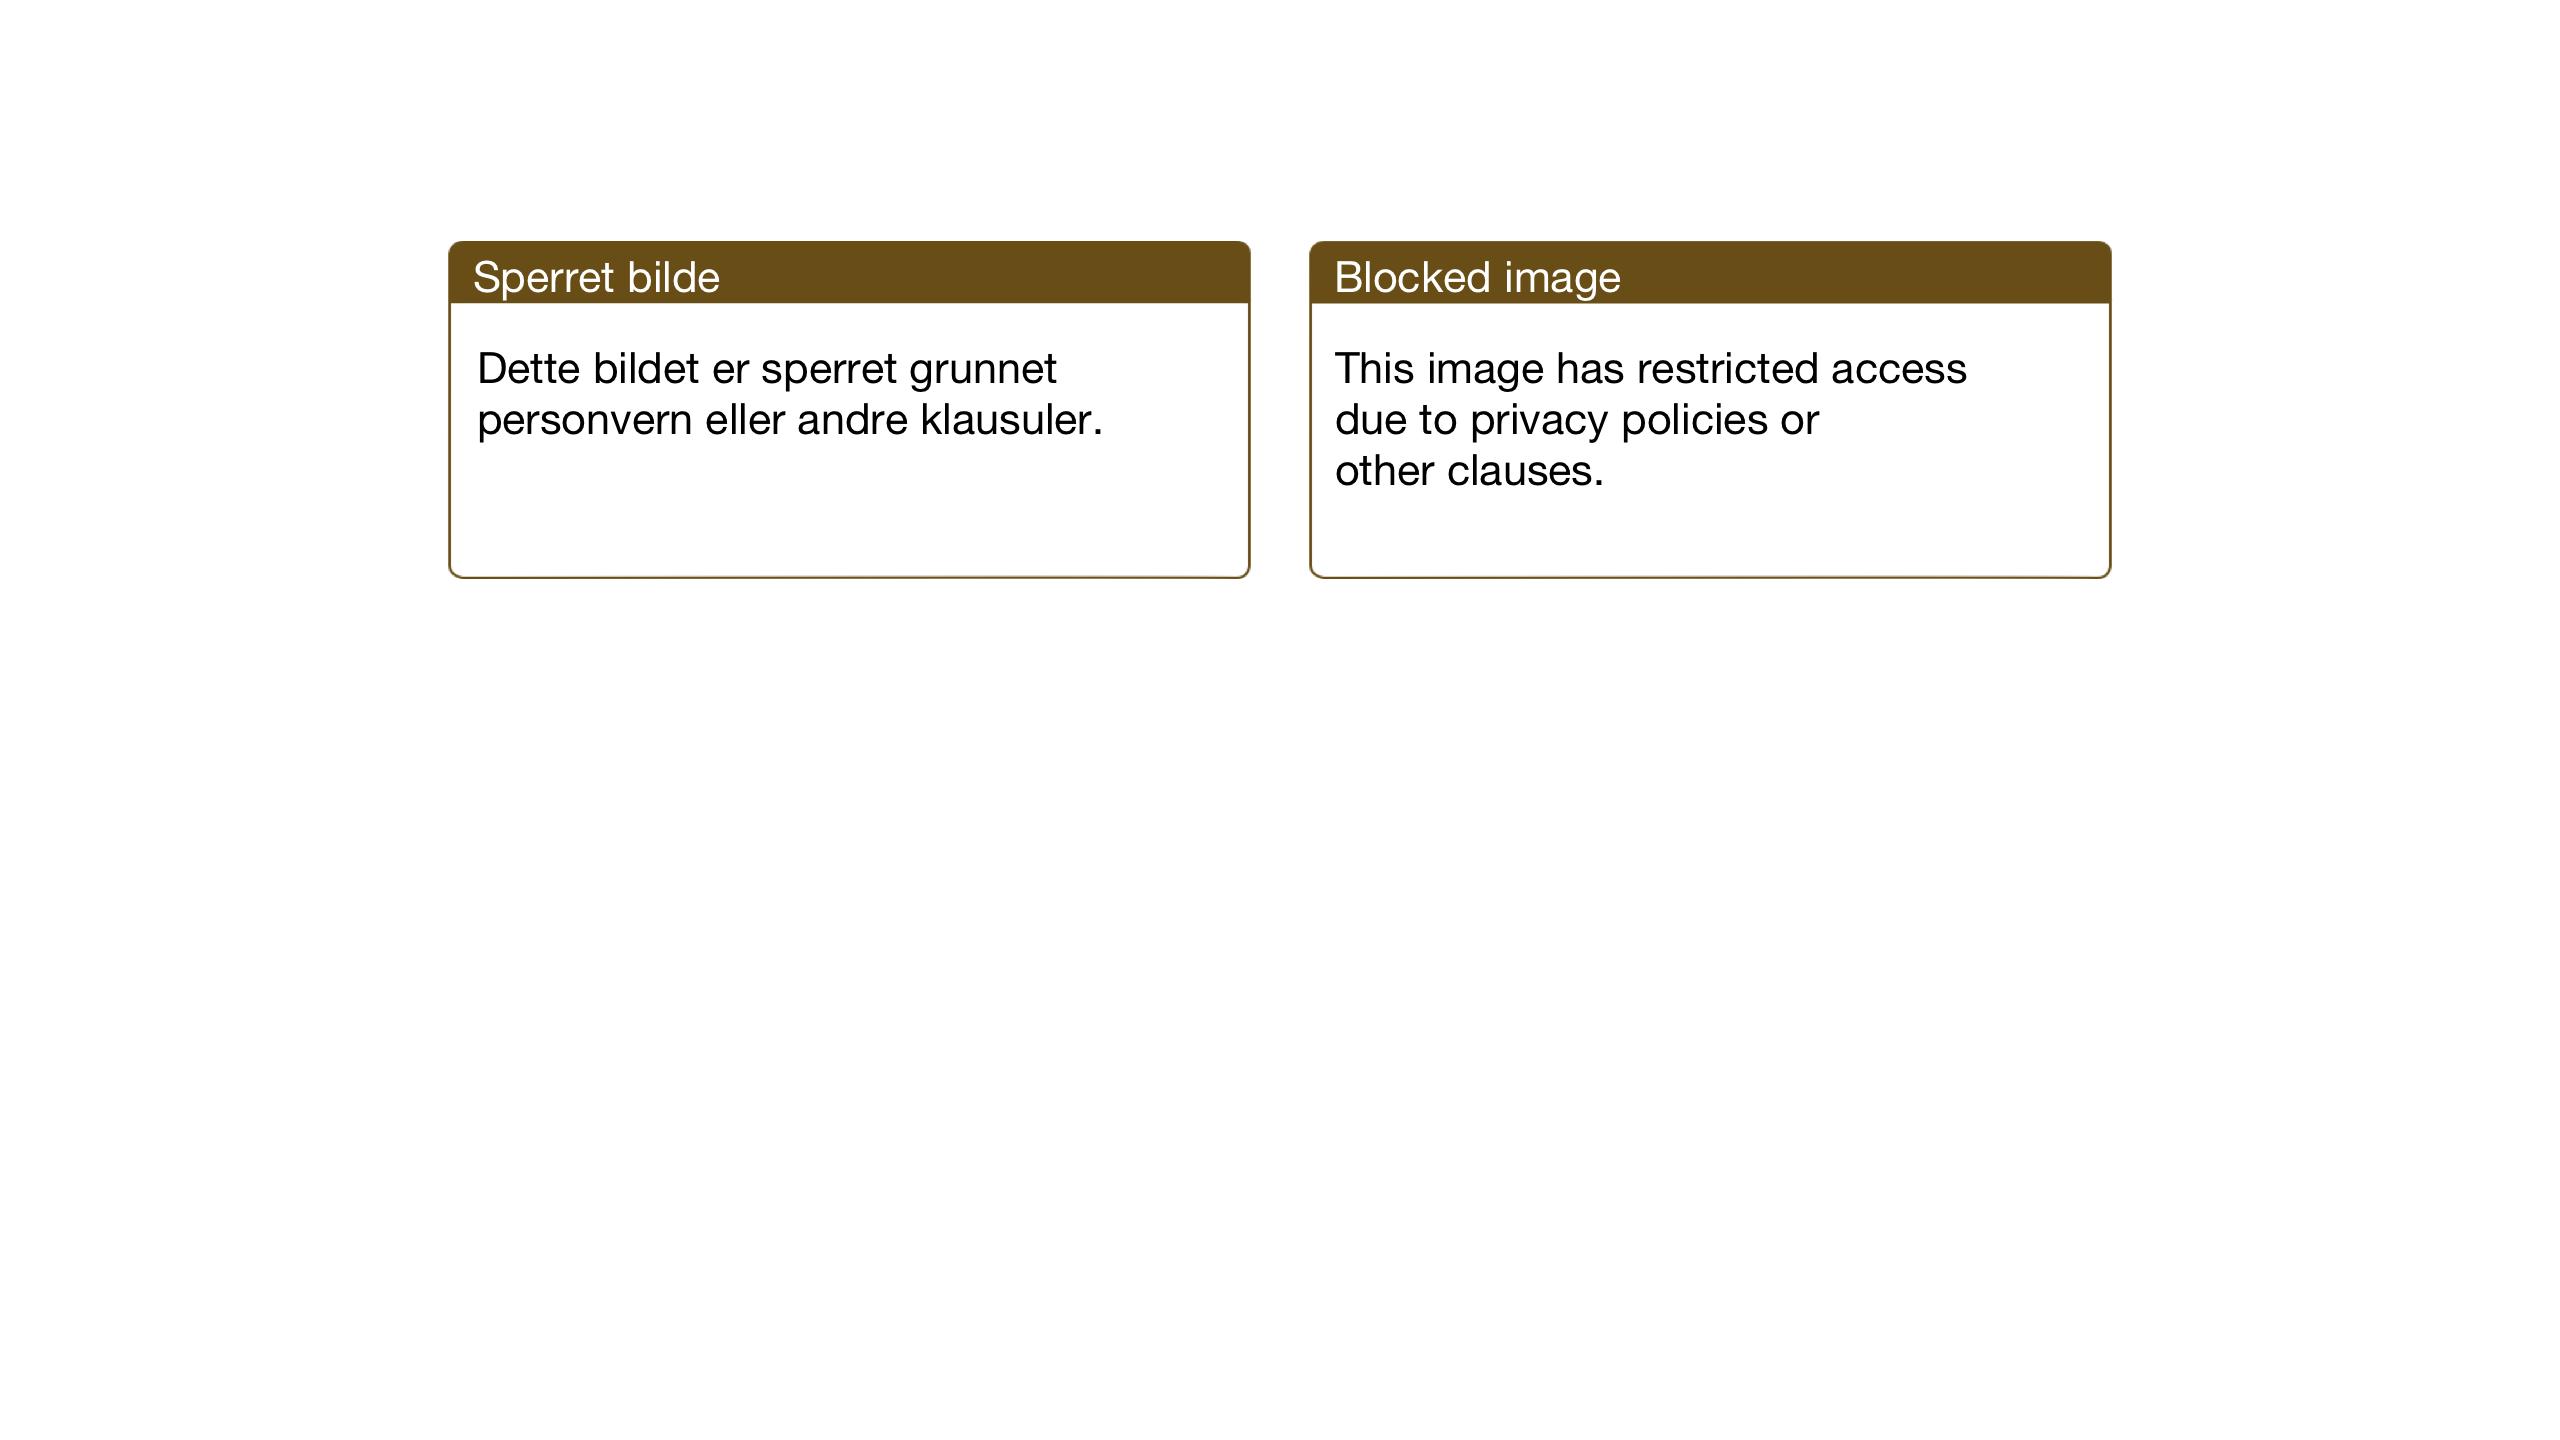 SAT, Ministerialprotokoller, klokkerbøker og fødselsregistre - Nord-Trøndelag, 730/L0304: Klokkerbok nr. 730C07, 1934-1945, s. 25